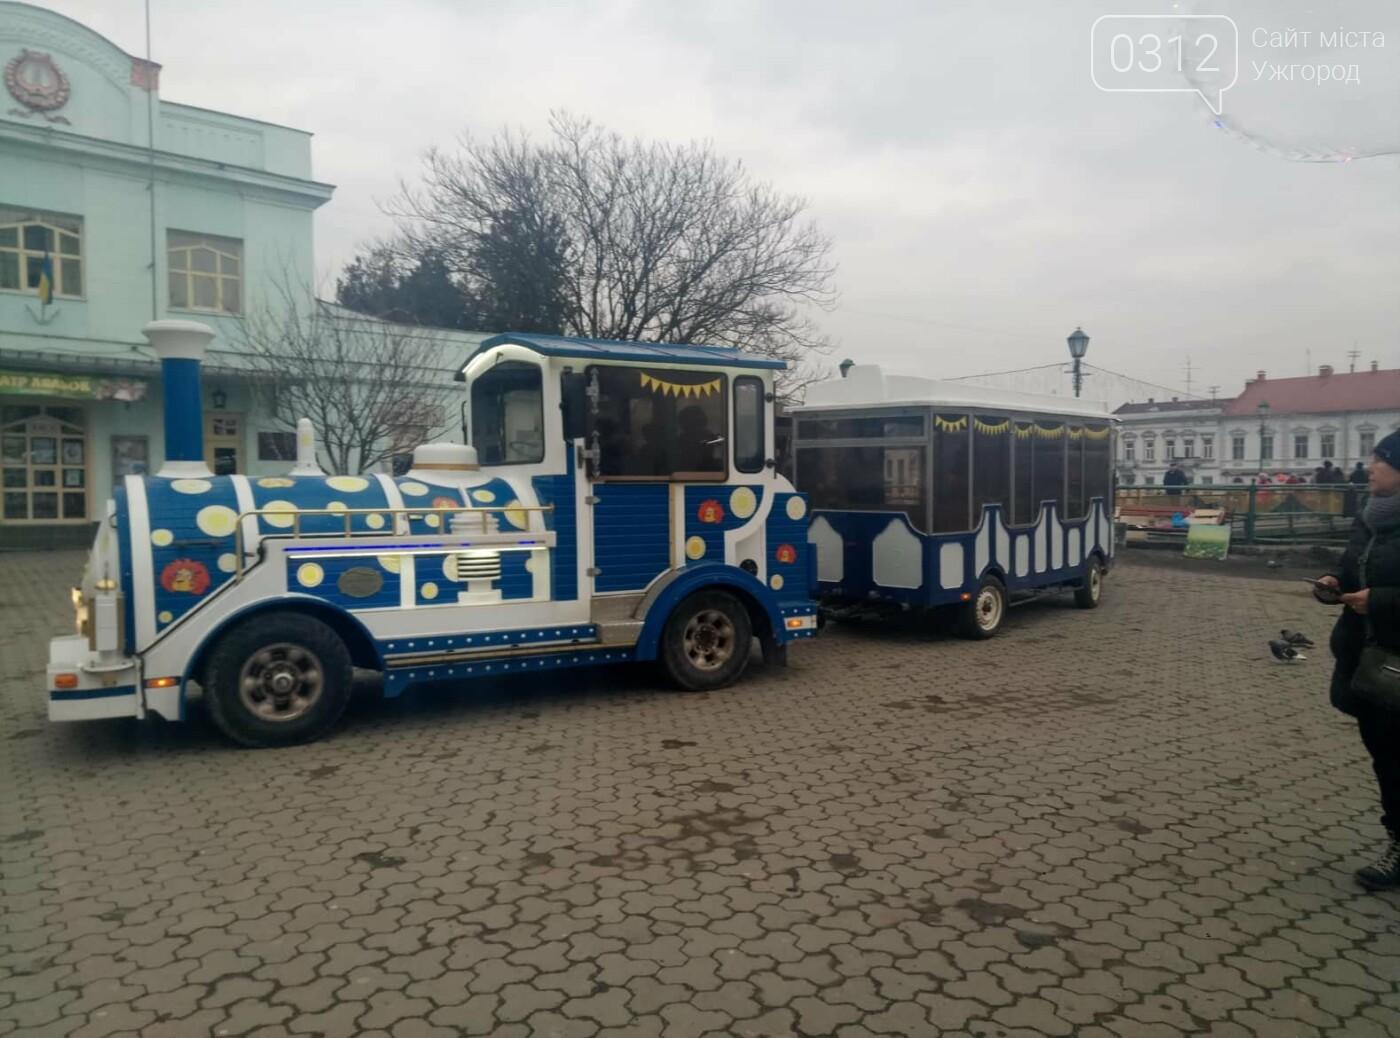 Стало відомо, за яким маршрутом курсує паровозик в Ужгороді (ЦІНИ), фото-2